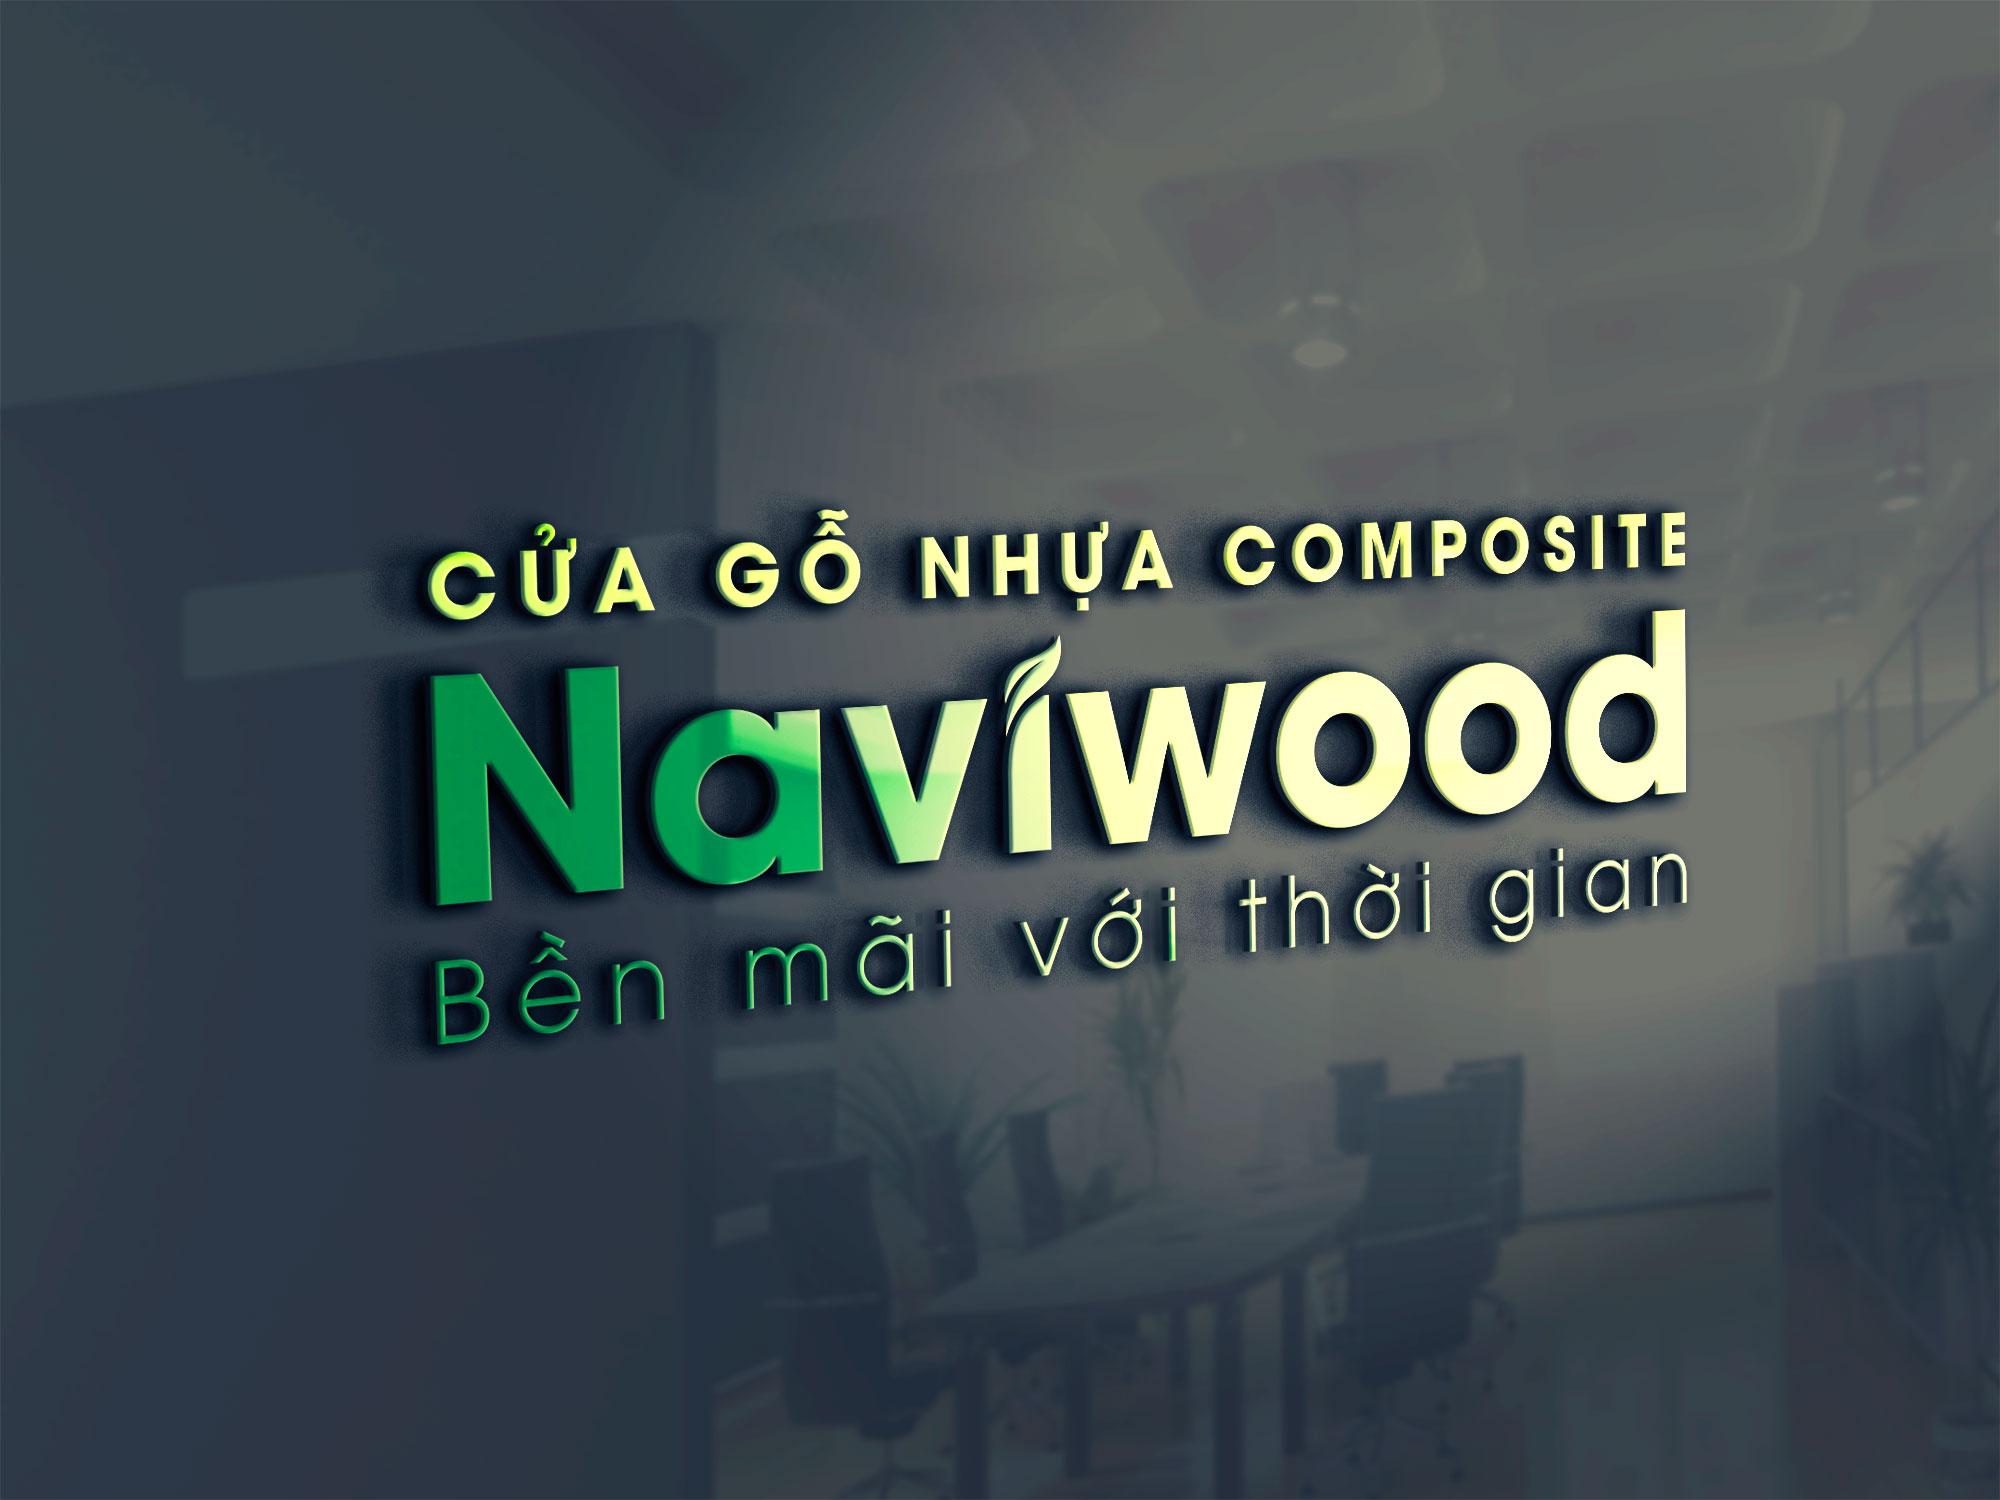 Công ty cổ phần Naviwood